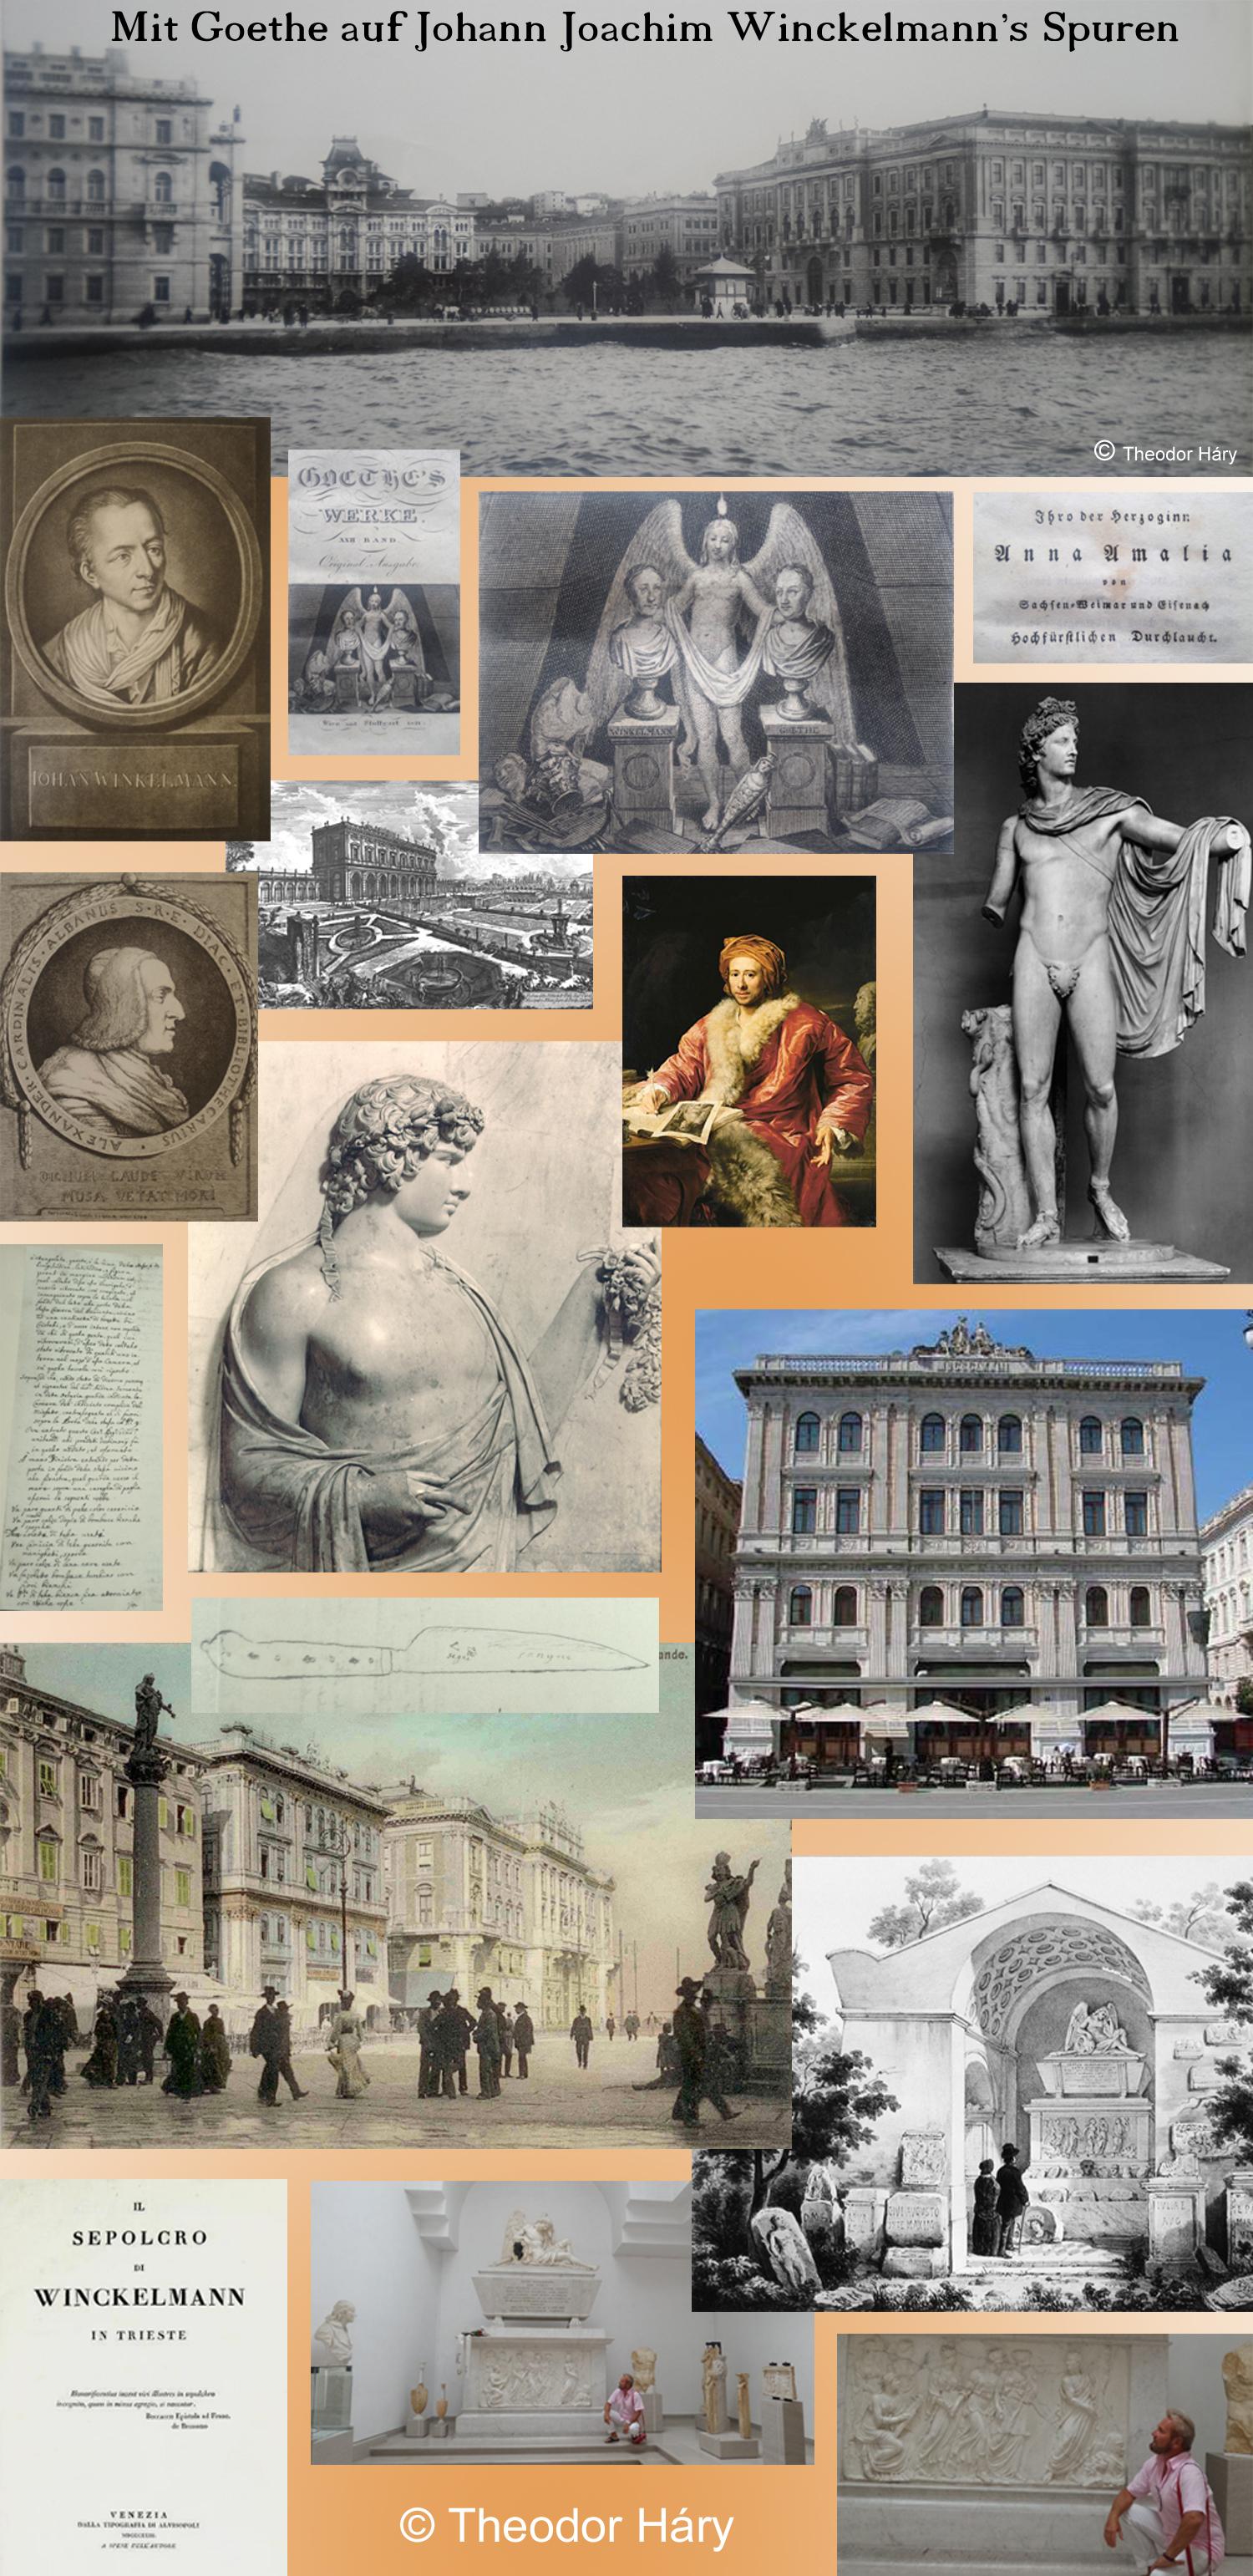 Homoerotik an der Adria - Mit Goethe auf Johann Joachim Winckelmann's Spuren